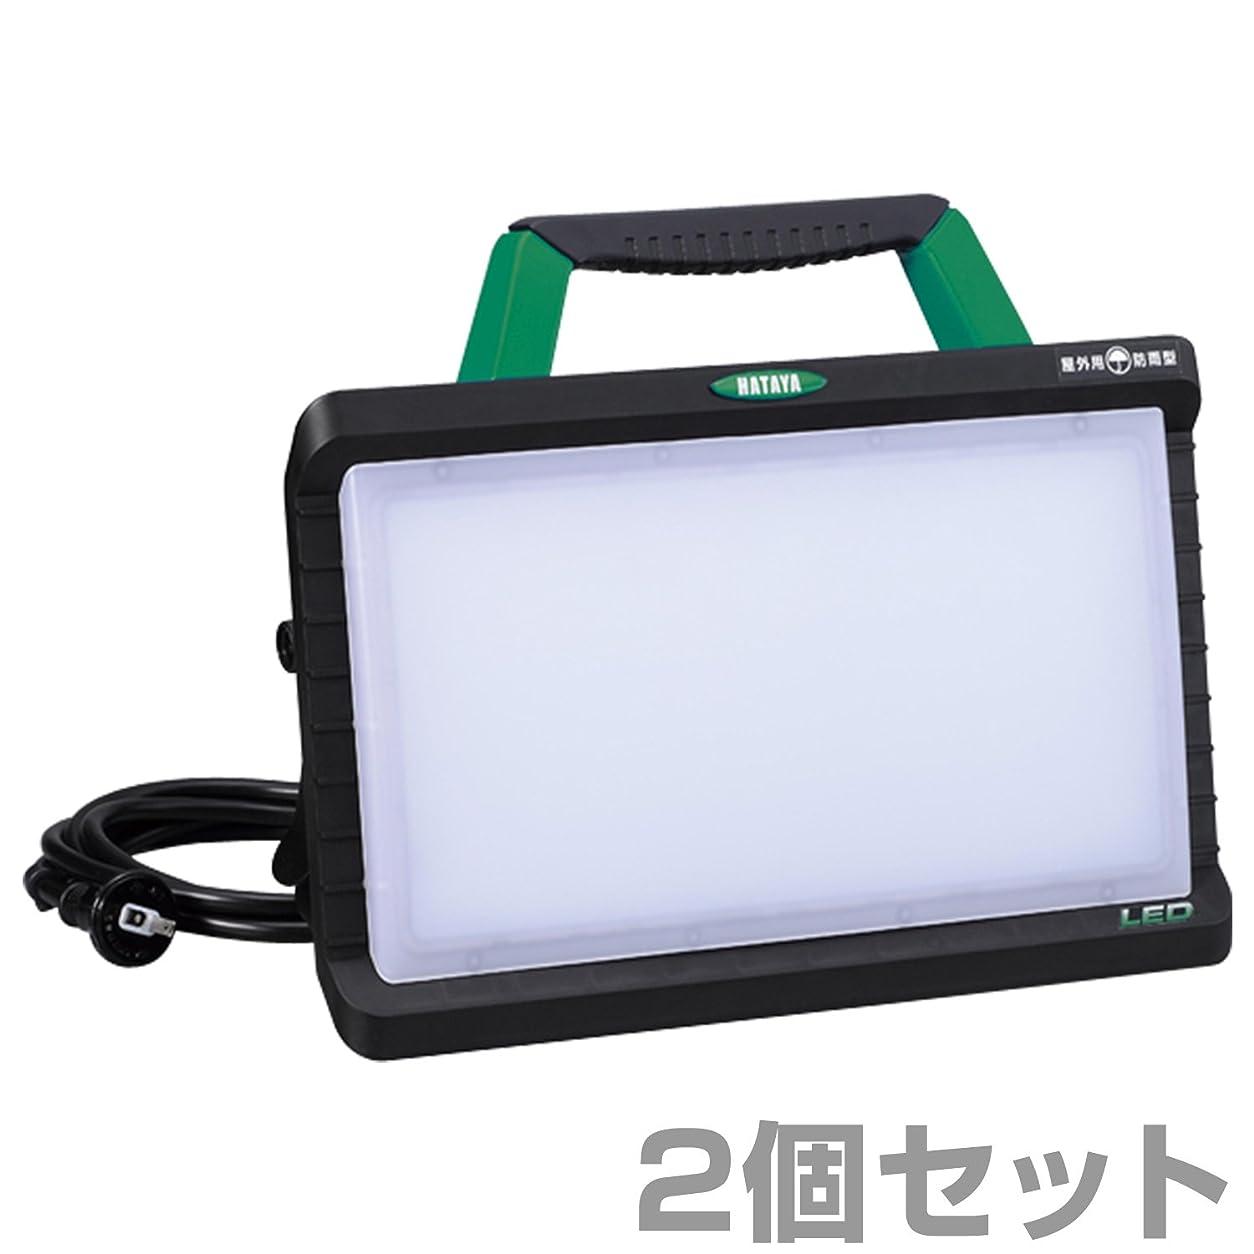 移動するいちゃつく整然としたハタヤ(HATAYA) LED 投光器 ワークランプ 45W 同色2個セット 3800Lm 昼光色 5000K 3mコード付き 防雨型2Pプラグ付き 明るさ2段階切替式 LWY-45*2 グリーン